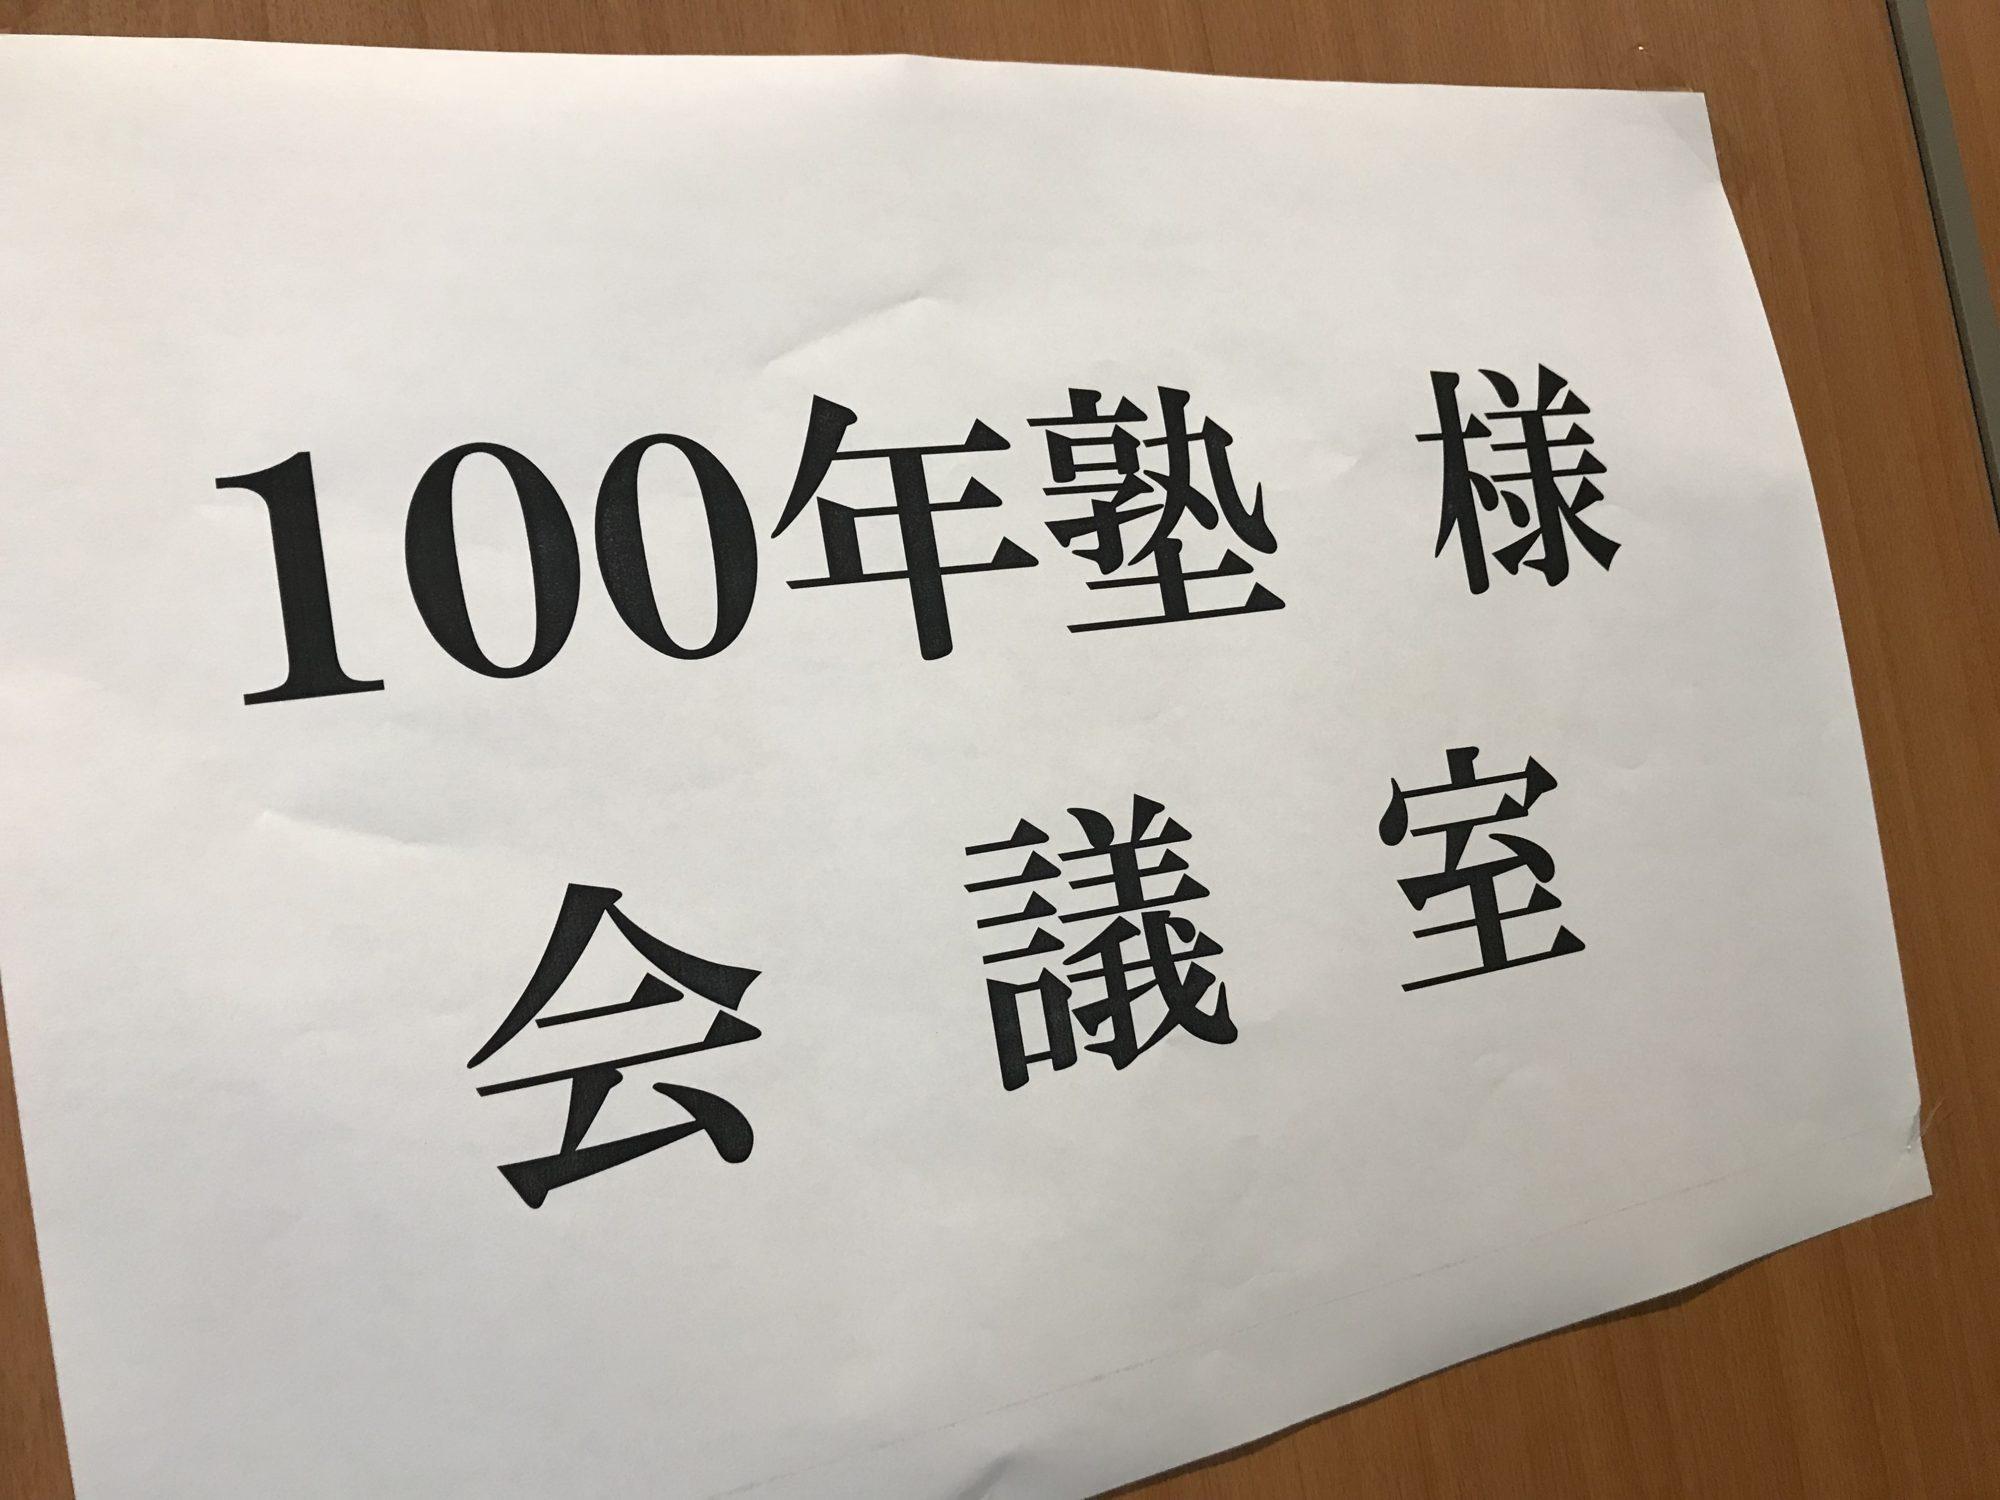 100年塾看板